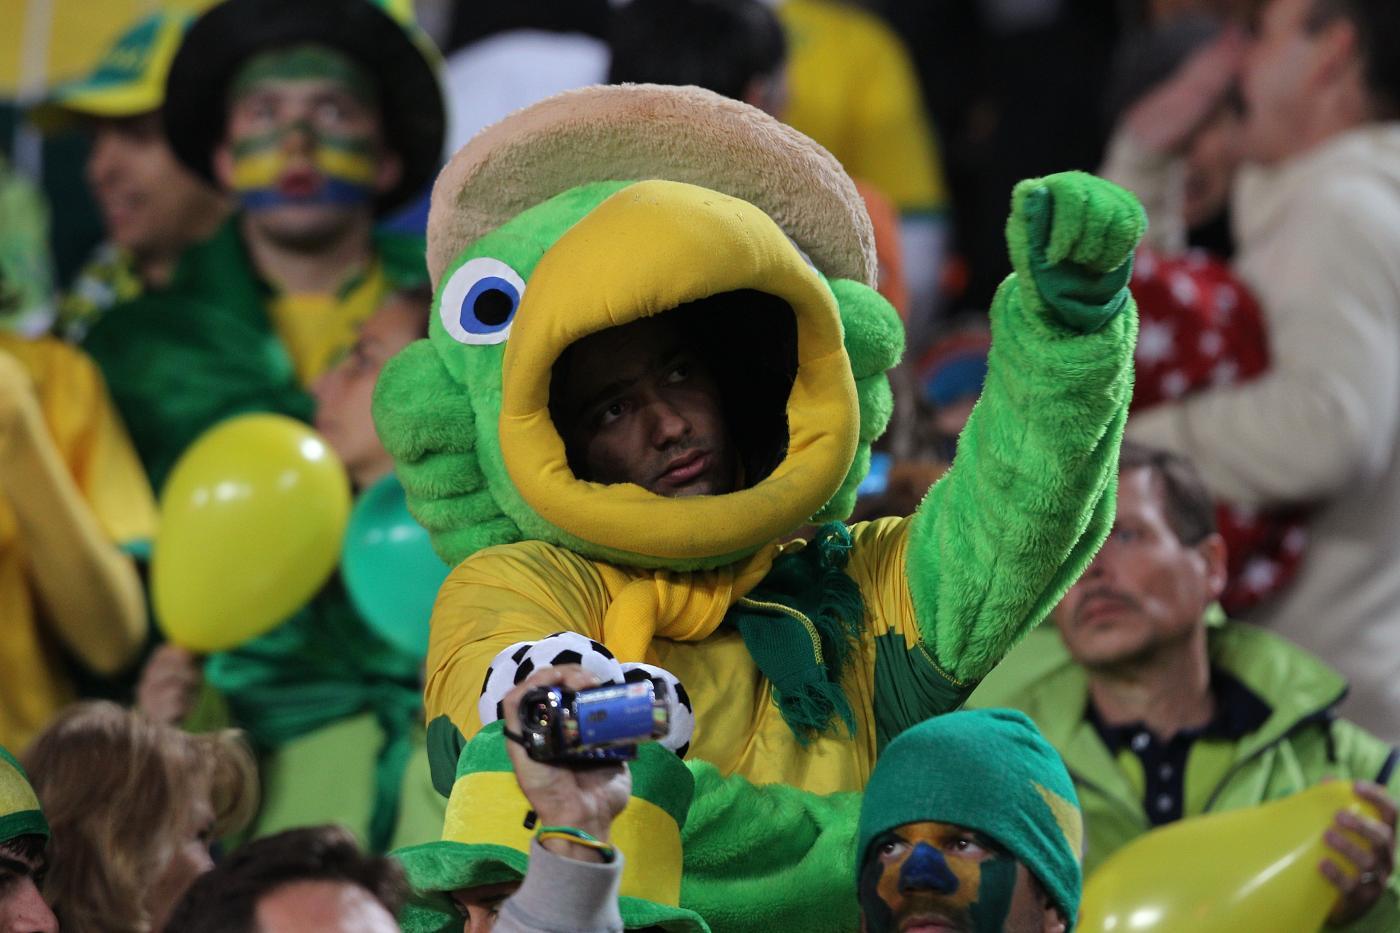 Campeonato Carioca mercoledì 9 gennaio, quarta giornata: analisi e pronostico della quarta giornata della fase preliminare.